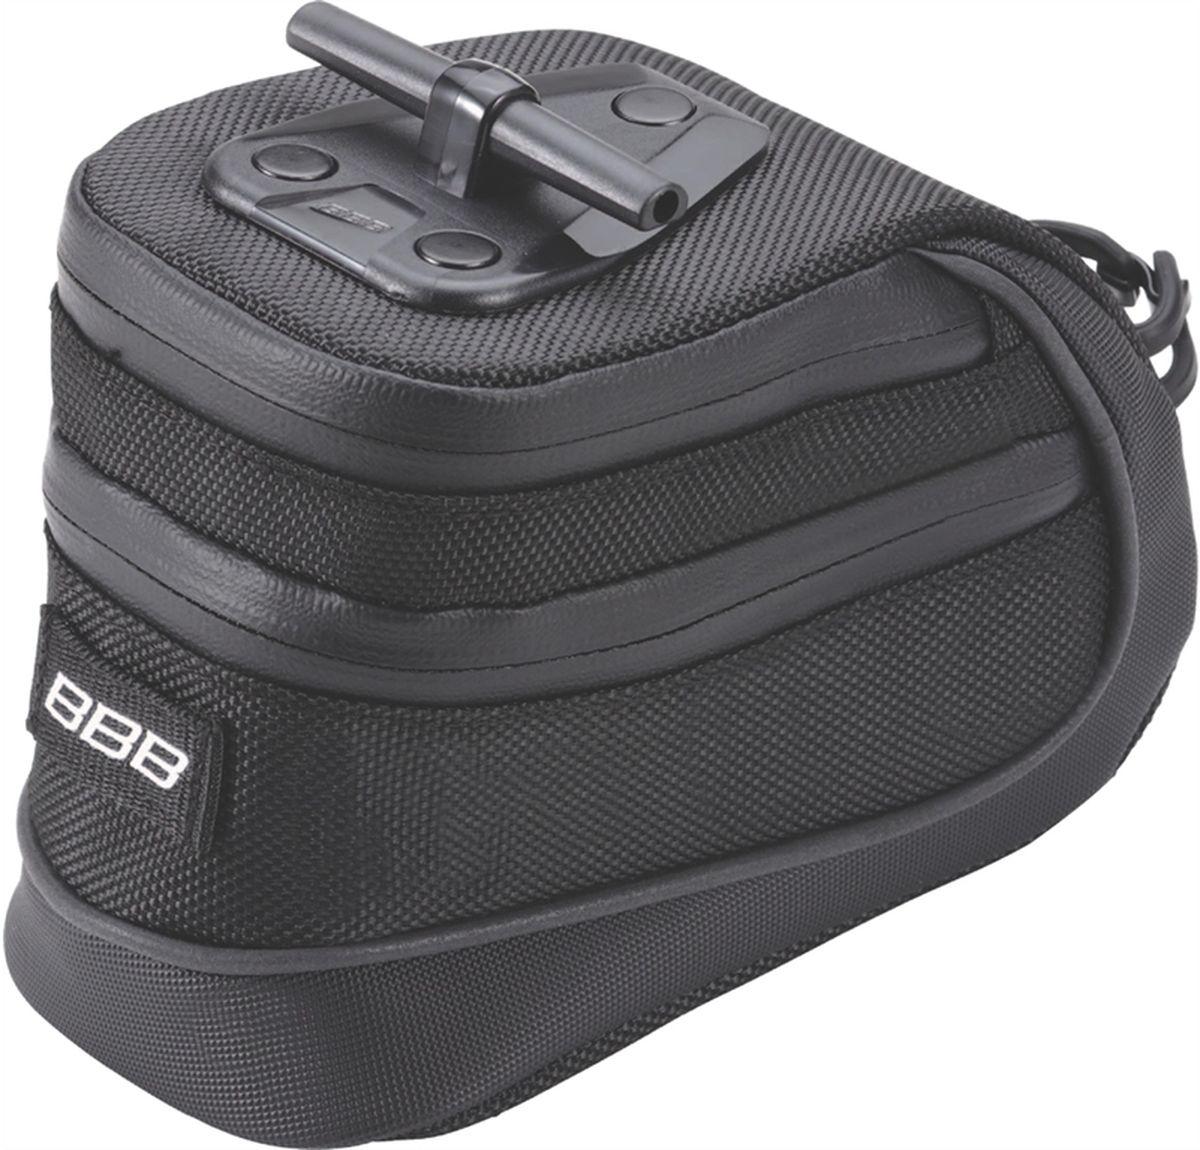 Велосумка под седло BBB StorePack, цвет: черный. Размер LГризлиВ сумке BBB StorePack применяются лучшие материалы и новейшие технологии. Синяя подкладка обеспечивает лучшую видимость содержимого. Эластичный ремешок и карман для простоты организации содержимого вашей сумочки. Водонепроницаемая молния с фиксатором дает дополнительную безопасность и абсолютно бесшумна при езде. Крепление для заднего габарита-LED фонарика. Черная светоотражающая полоска помогает лучше видеть вас на дороге. Т-образная система крепления для быстрой установки и снятия. Резиновый ремешок крепления к подседельному штырю для помогает в надежной фиксации сумочки.Большая сумка разделена на два отсека. Верхний отсек отлично подходит для хранения кошелька, ключей или документов.